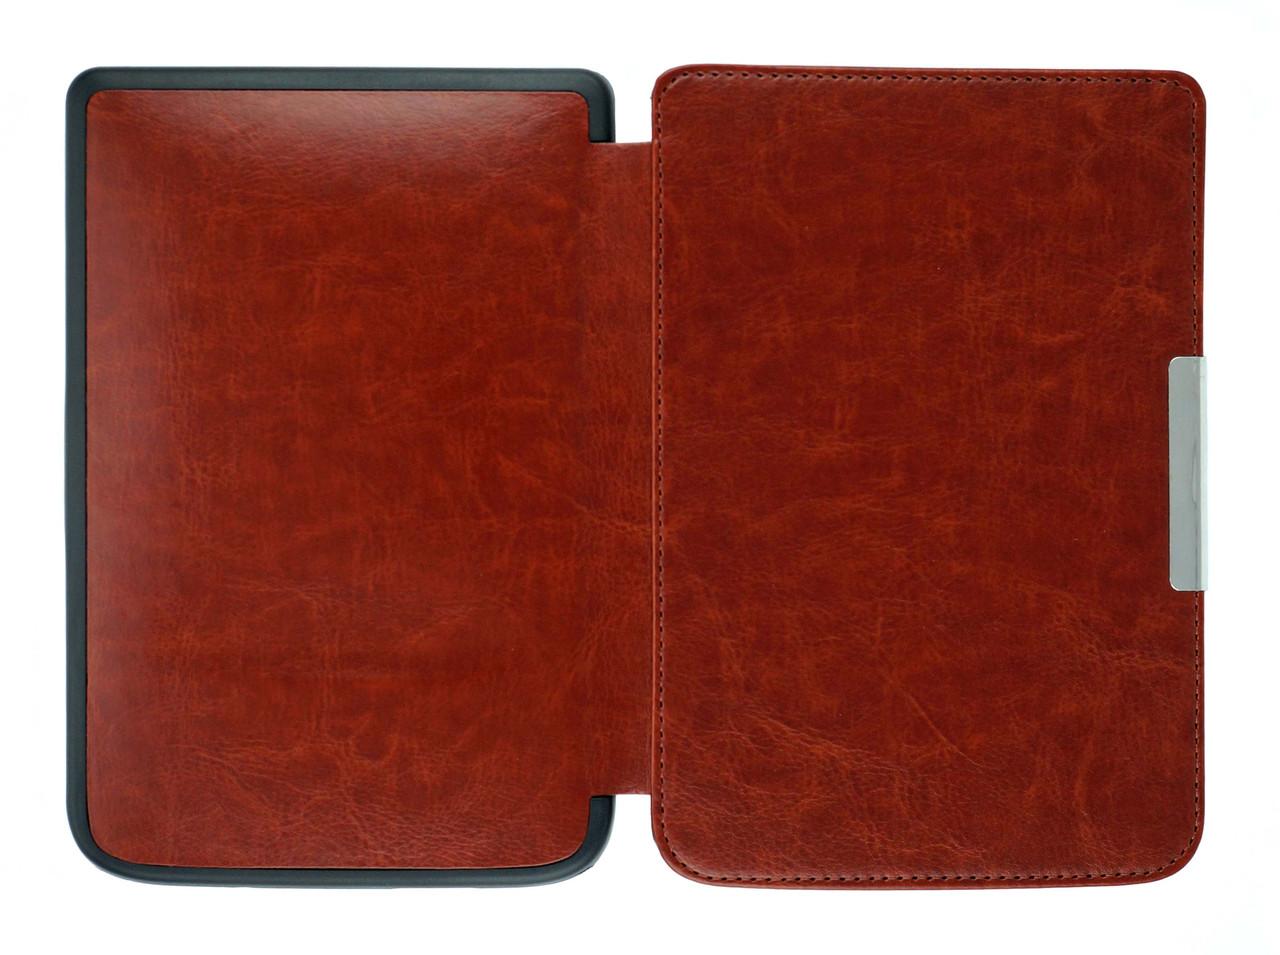 чохол для pocketbook 626 коричневий